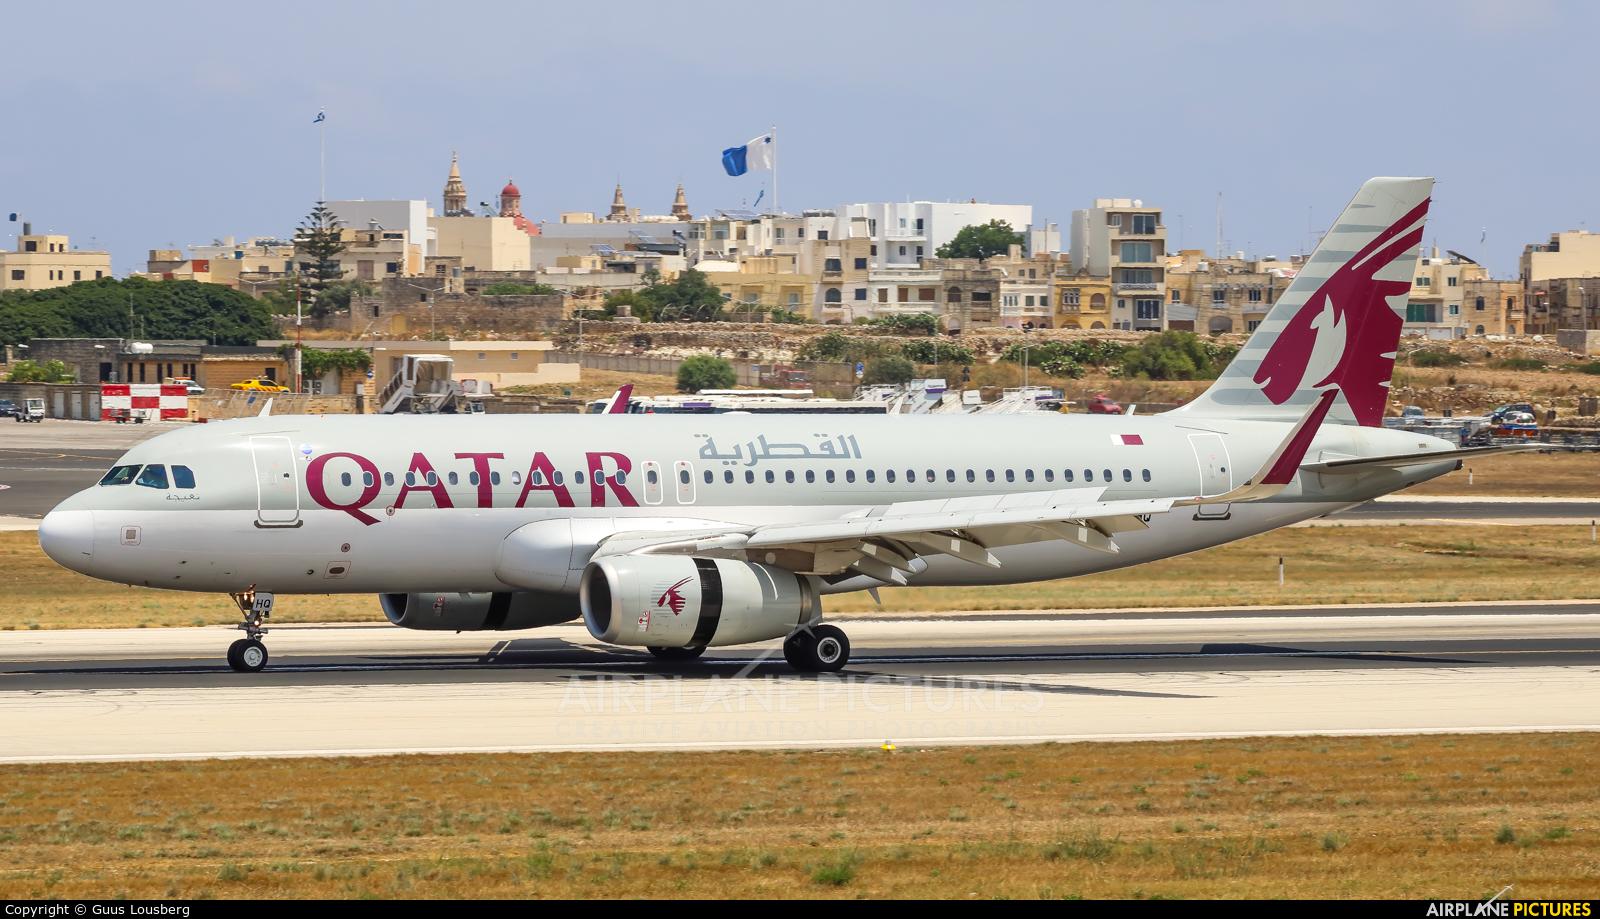 Qatar Airways A7-AHQ aircraft at Malta Intl